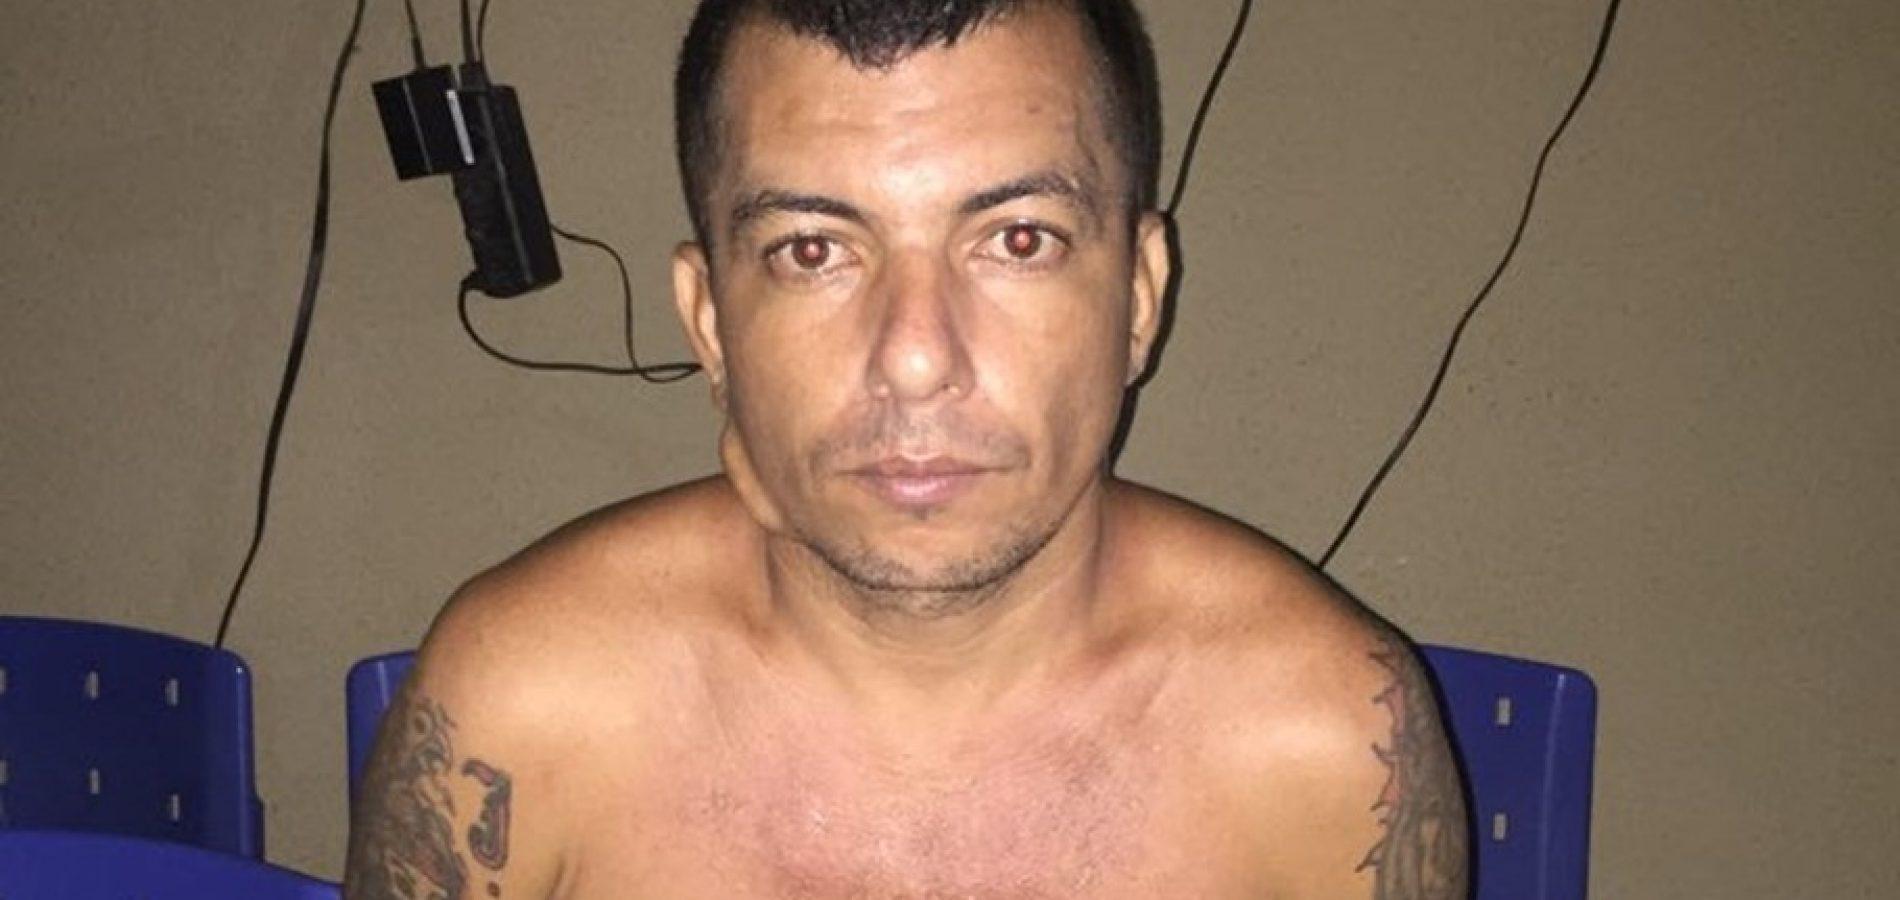 Servente de pedreiro acusado de homicídio é preso pela PM em Picos